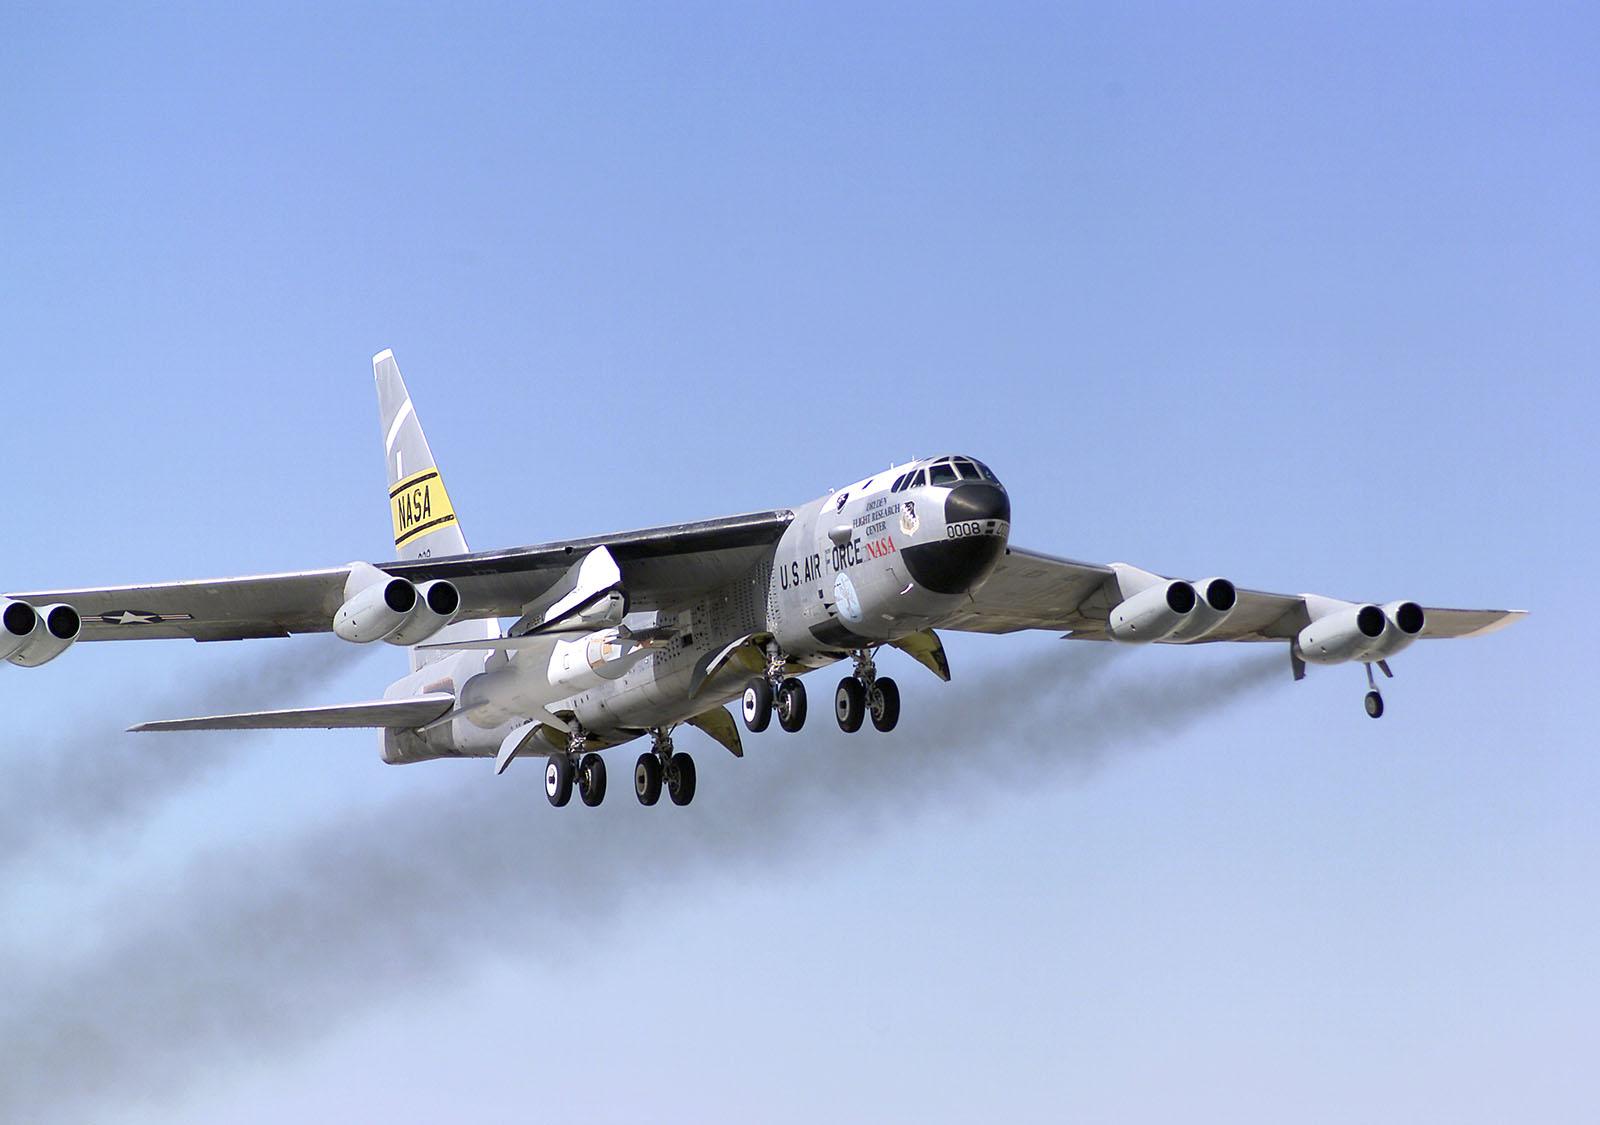 B-52 NASA Motherships Photo Gallery